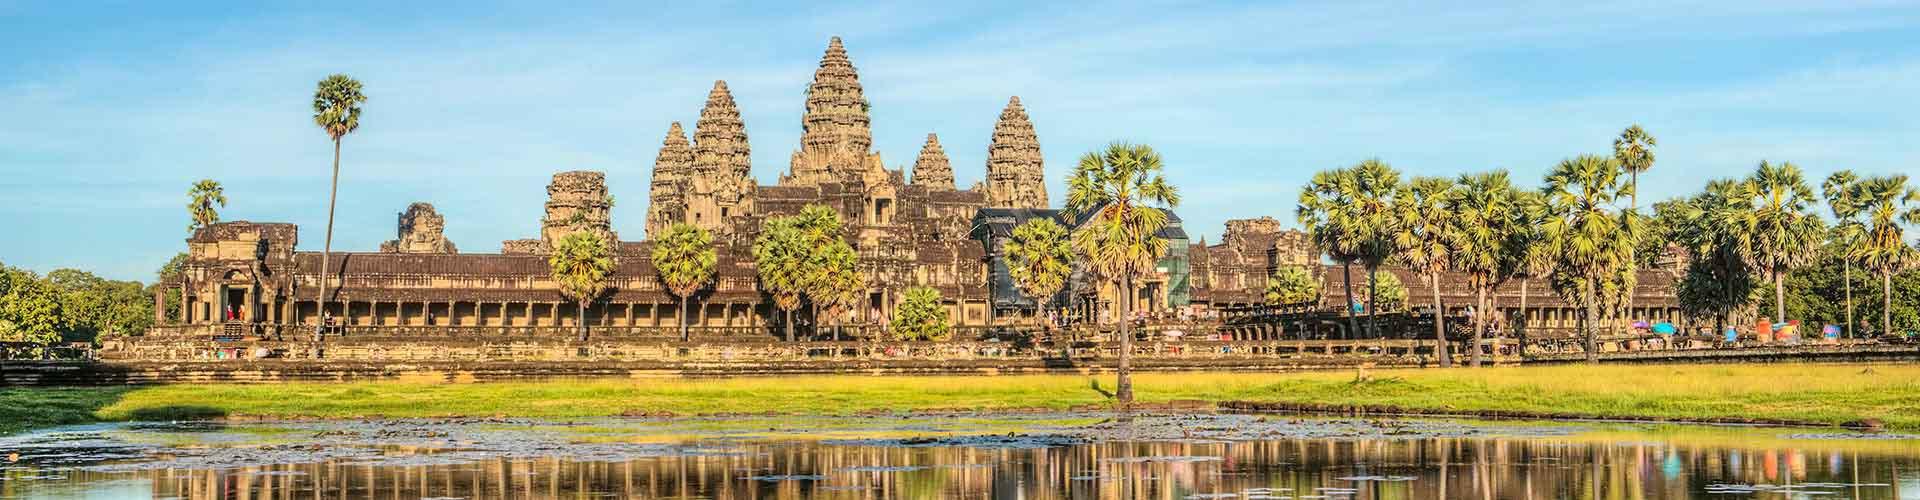 Siem Reap - Albergues en Siem Reap. Mapas de Siem Reap, Fotos y Comentarios para cada Albergue en Siem Reap.